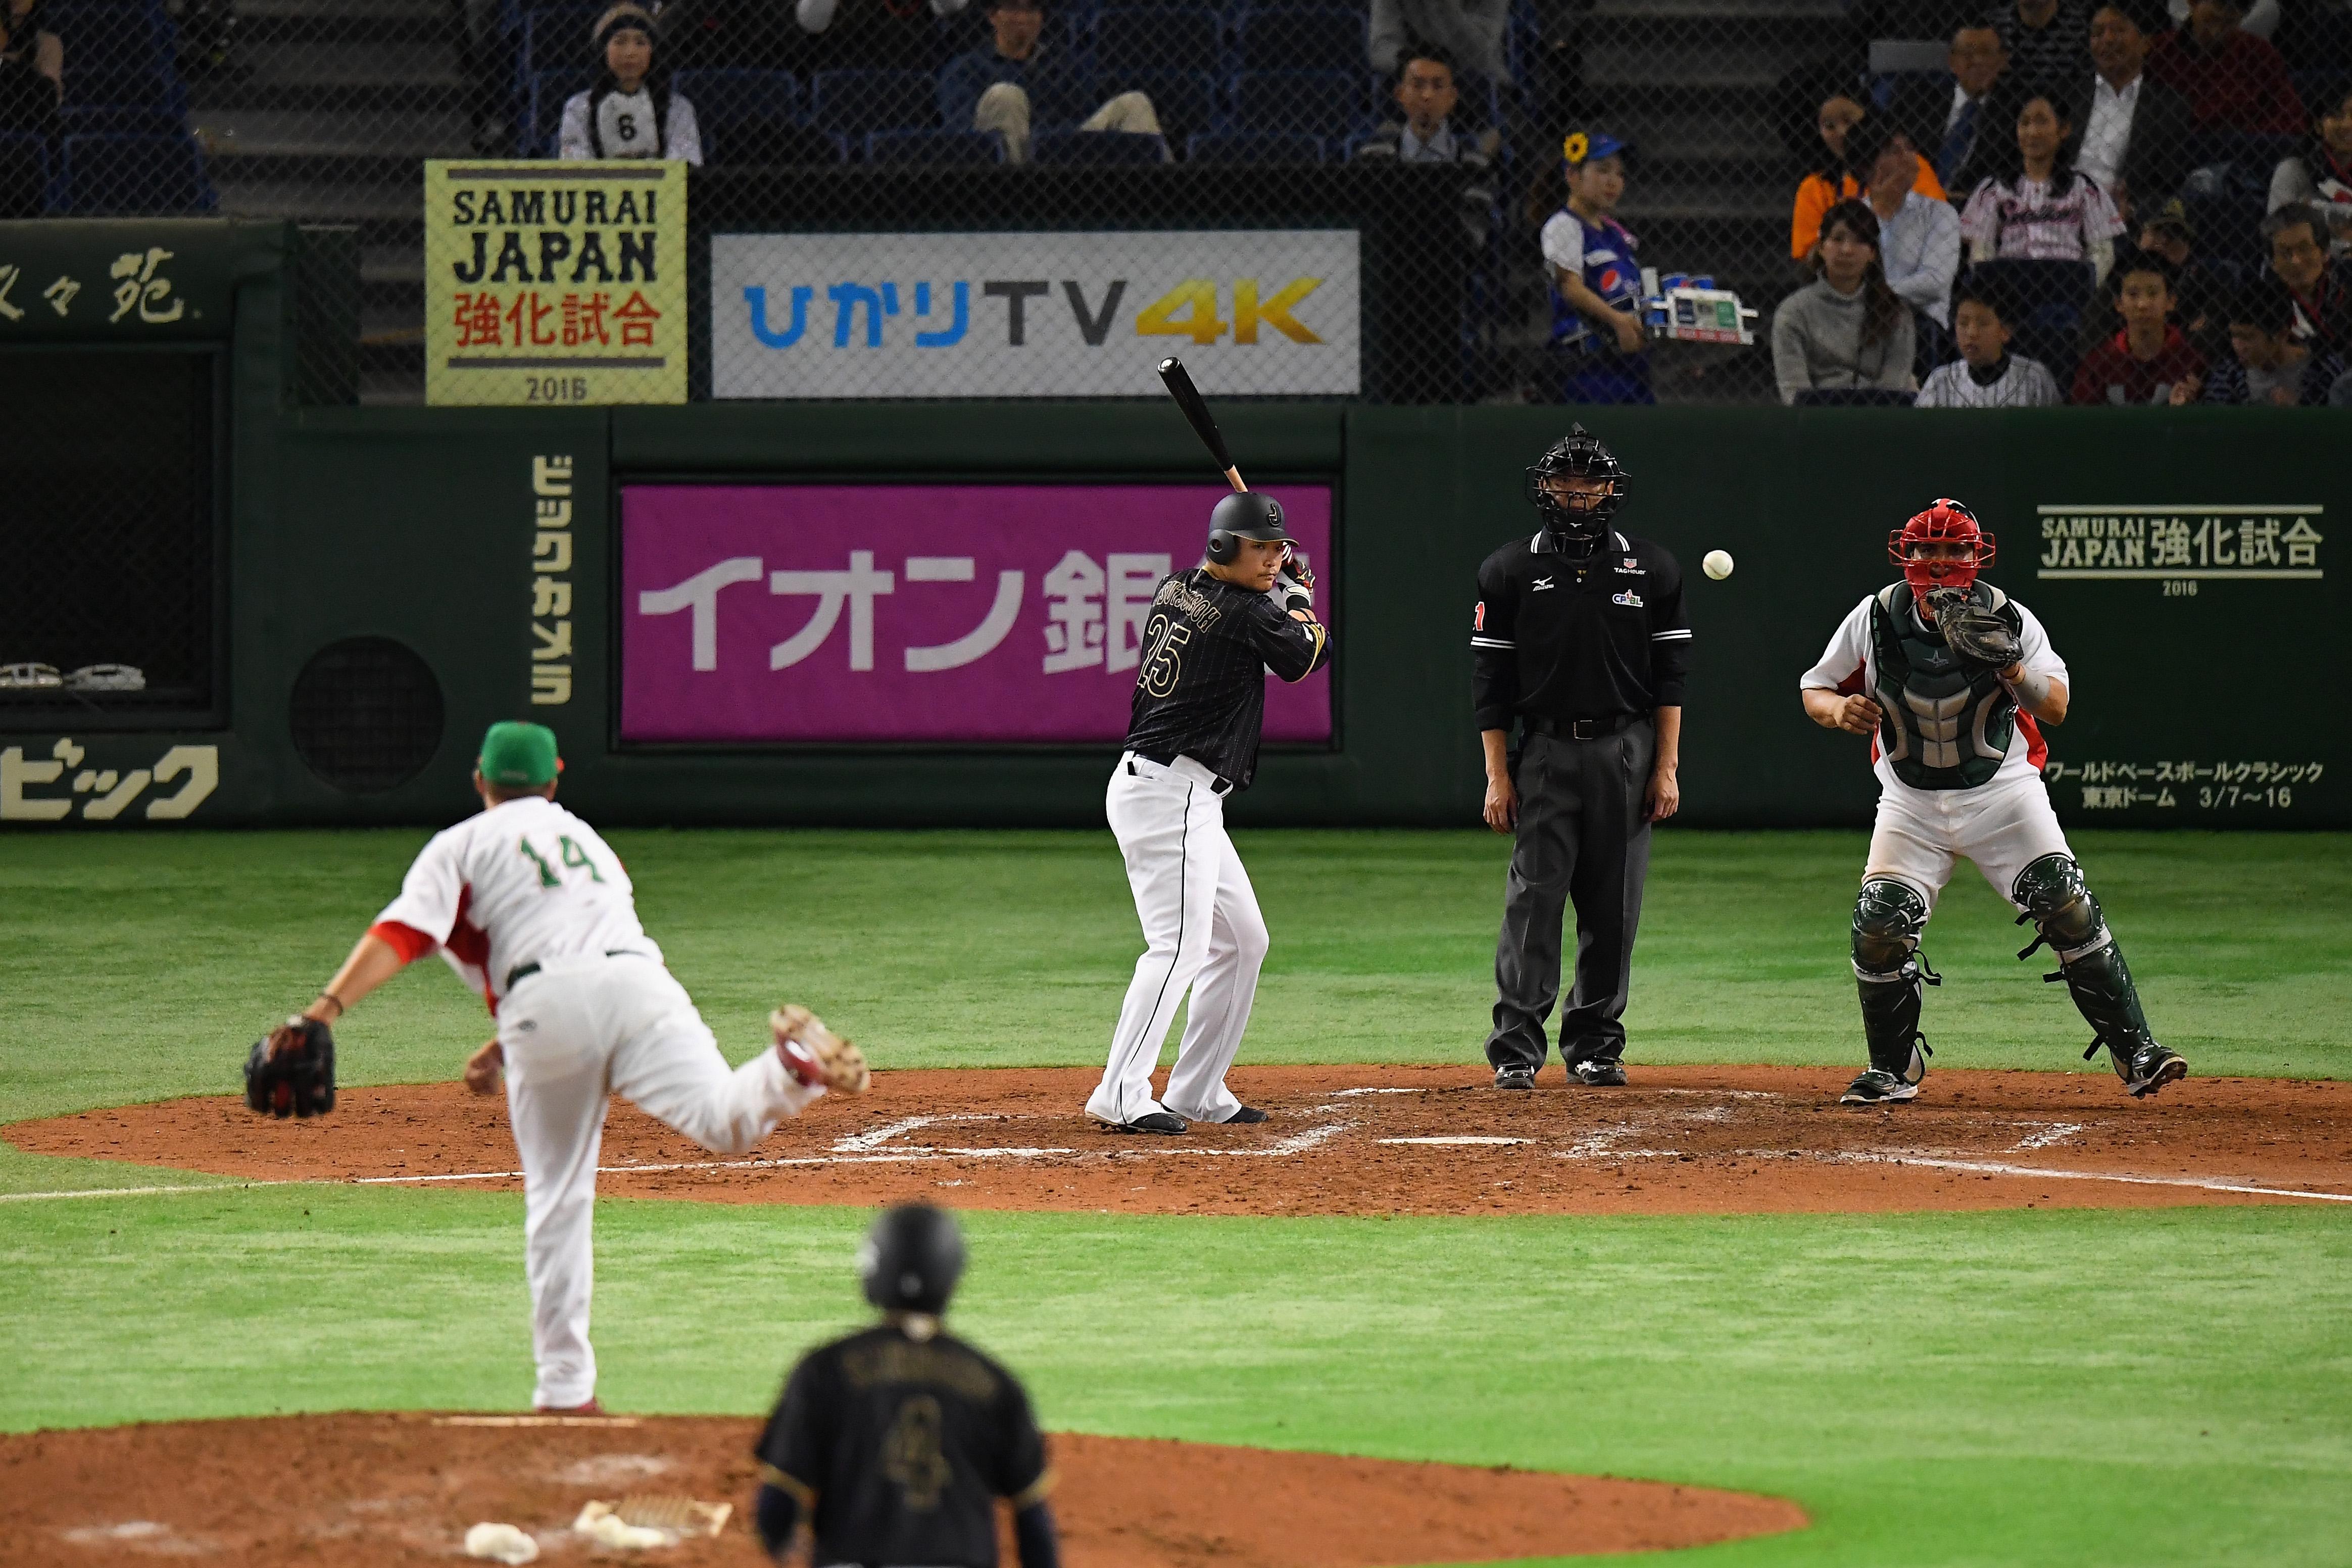 Mexico v Japan - International Friendly